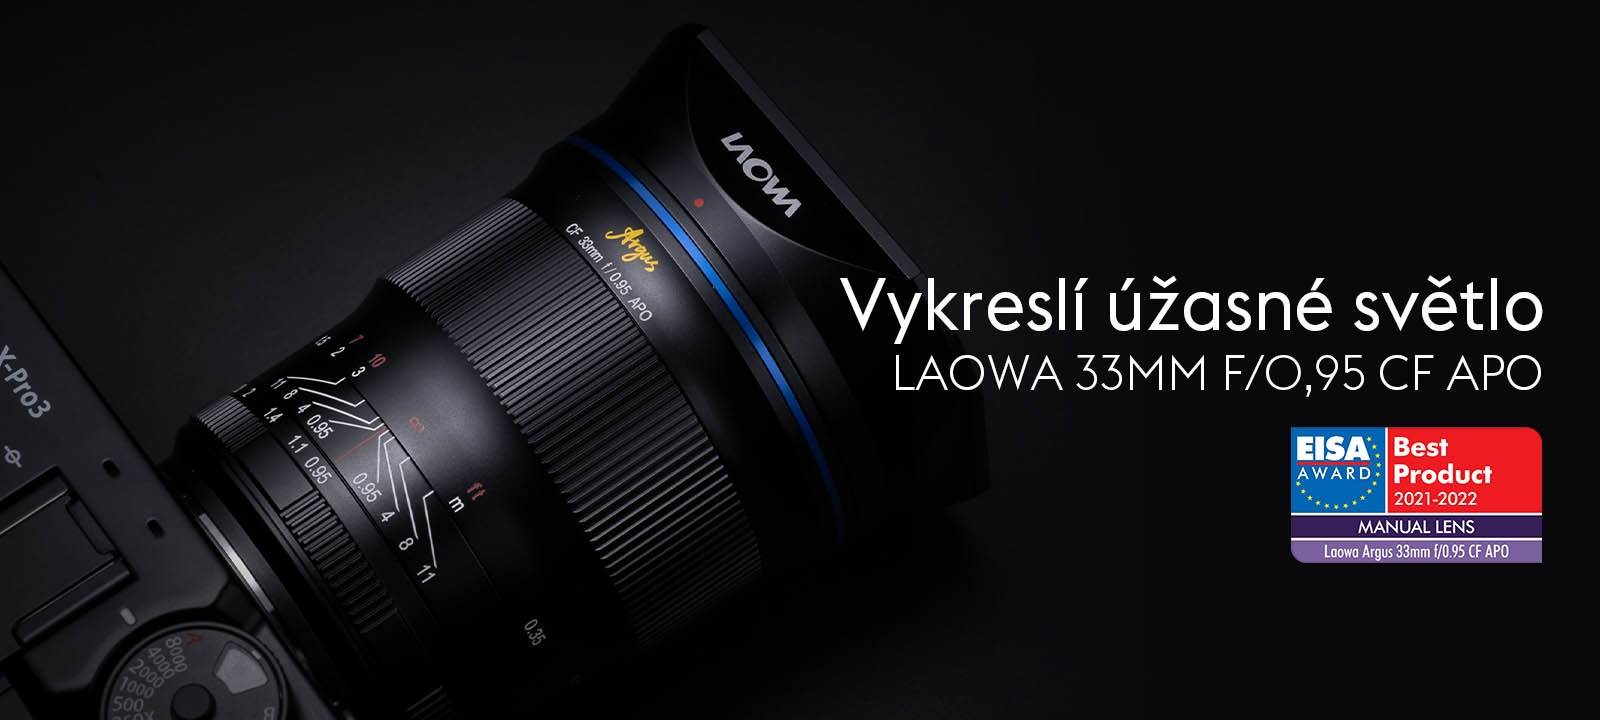 Laowa Argus 33 mm f/0.95 CF APO